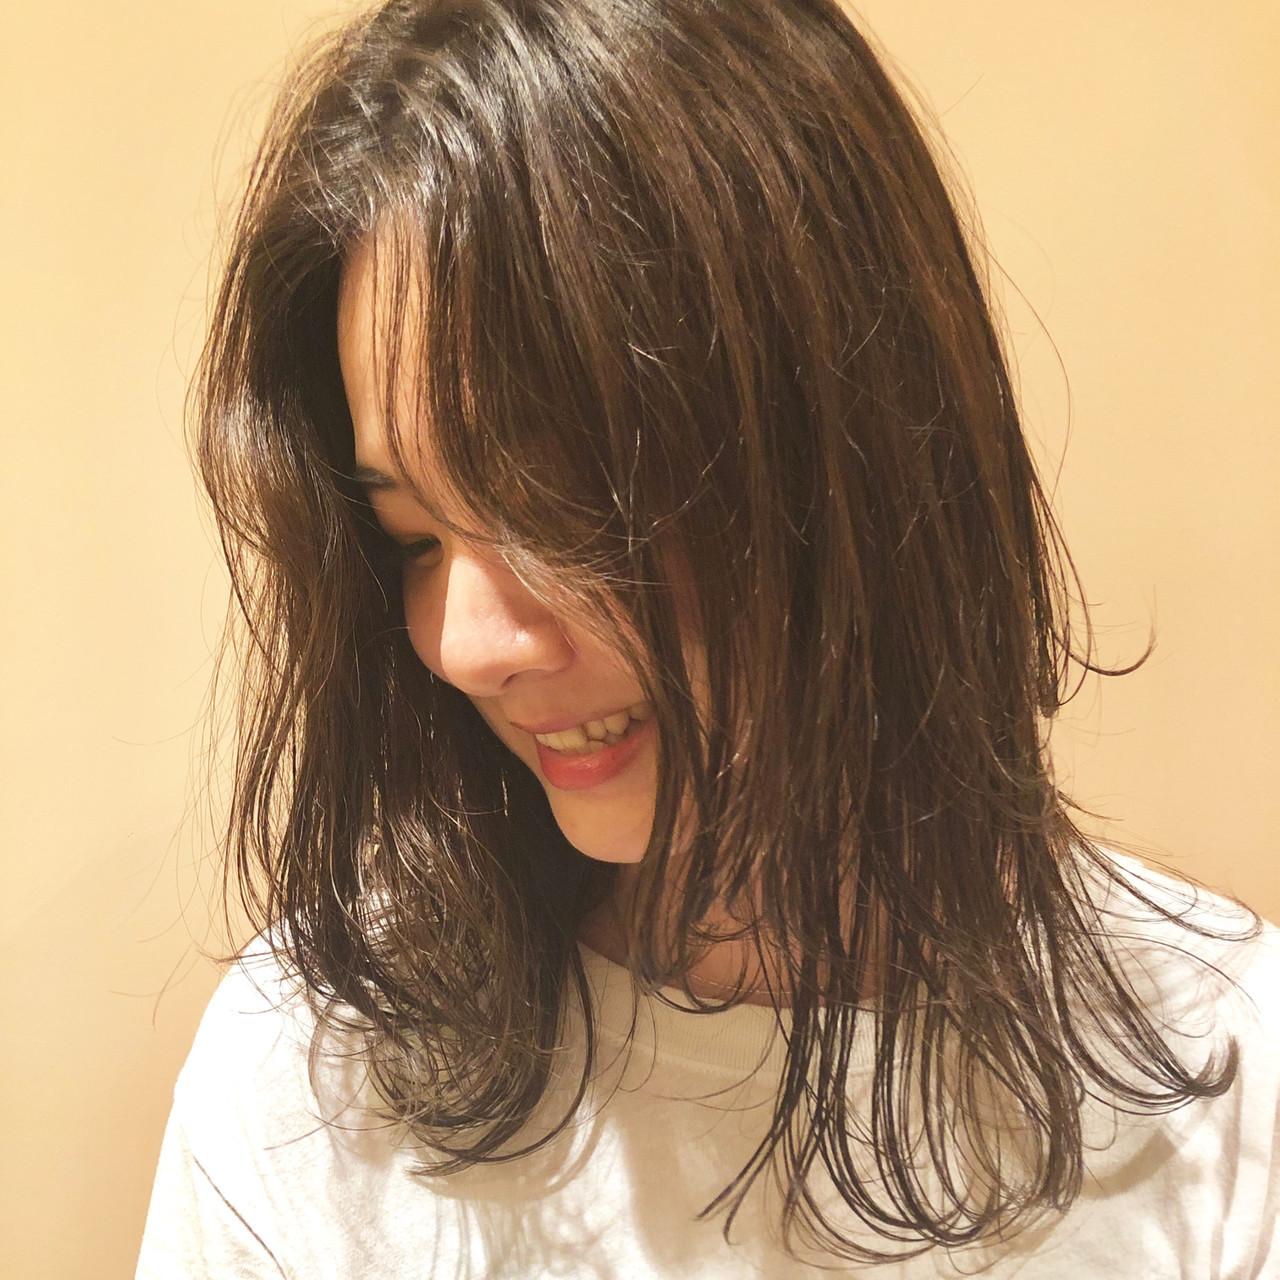 レイヤーロングヘア レイヤーヘアー 大人ミディアム ミディアム ヘアスタイルや髪型の写真・画像